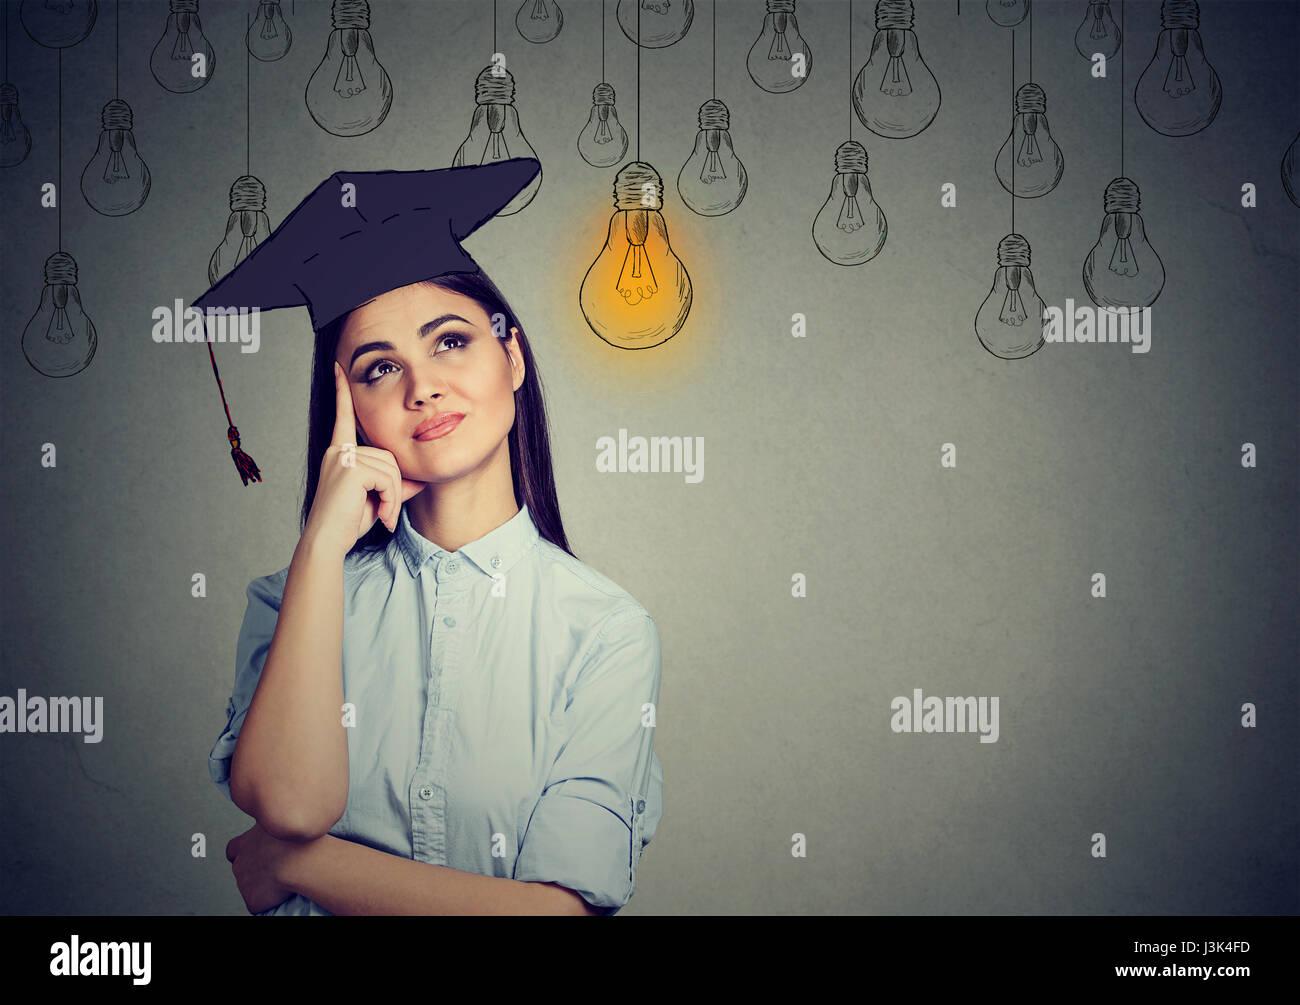 Studente laureato giovane donna nel cappuccio camice cercando fino alla luce brillante lampadina pensando isolato Immagini Stock